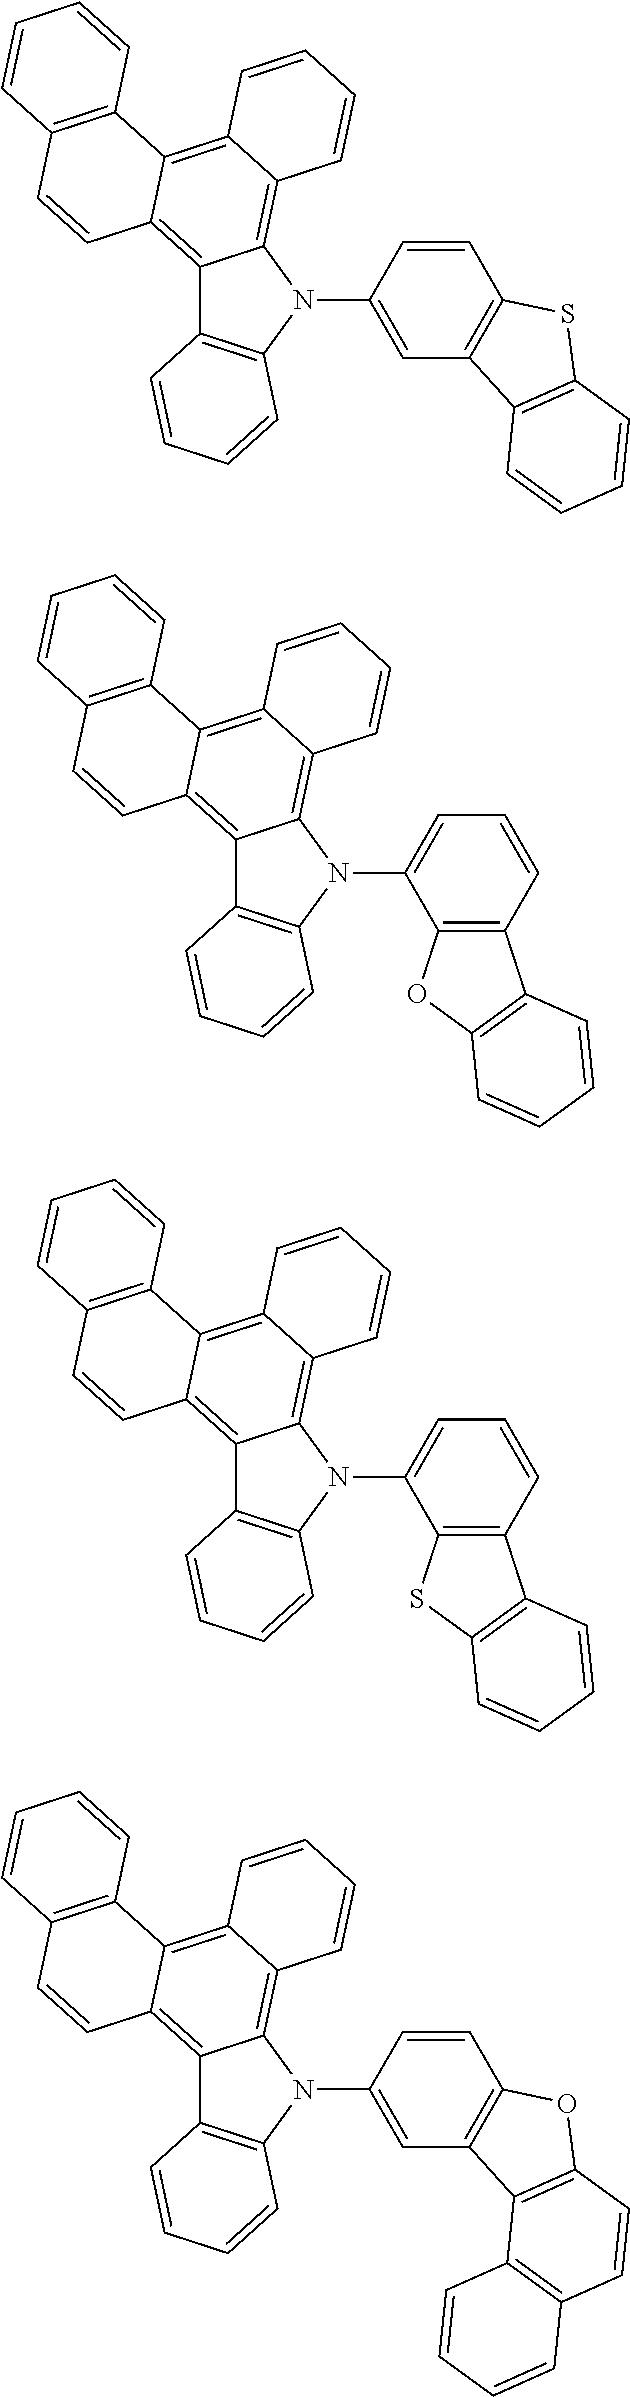 Figure US09837615-20171205-C00049